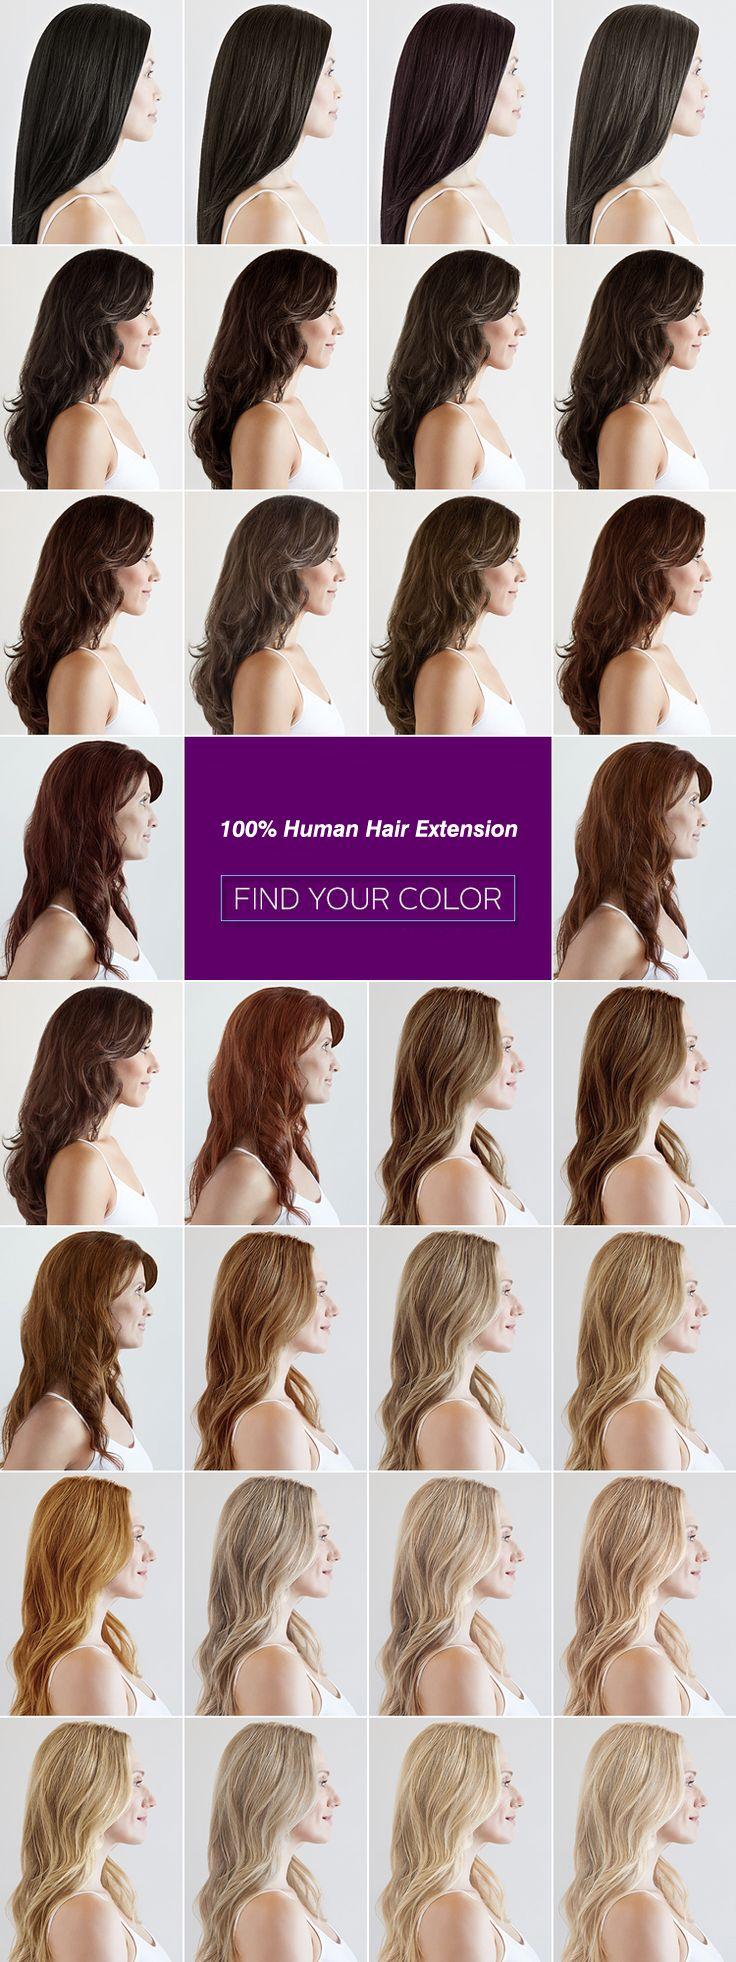 Encontre a cor do seu cabelo!